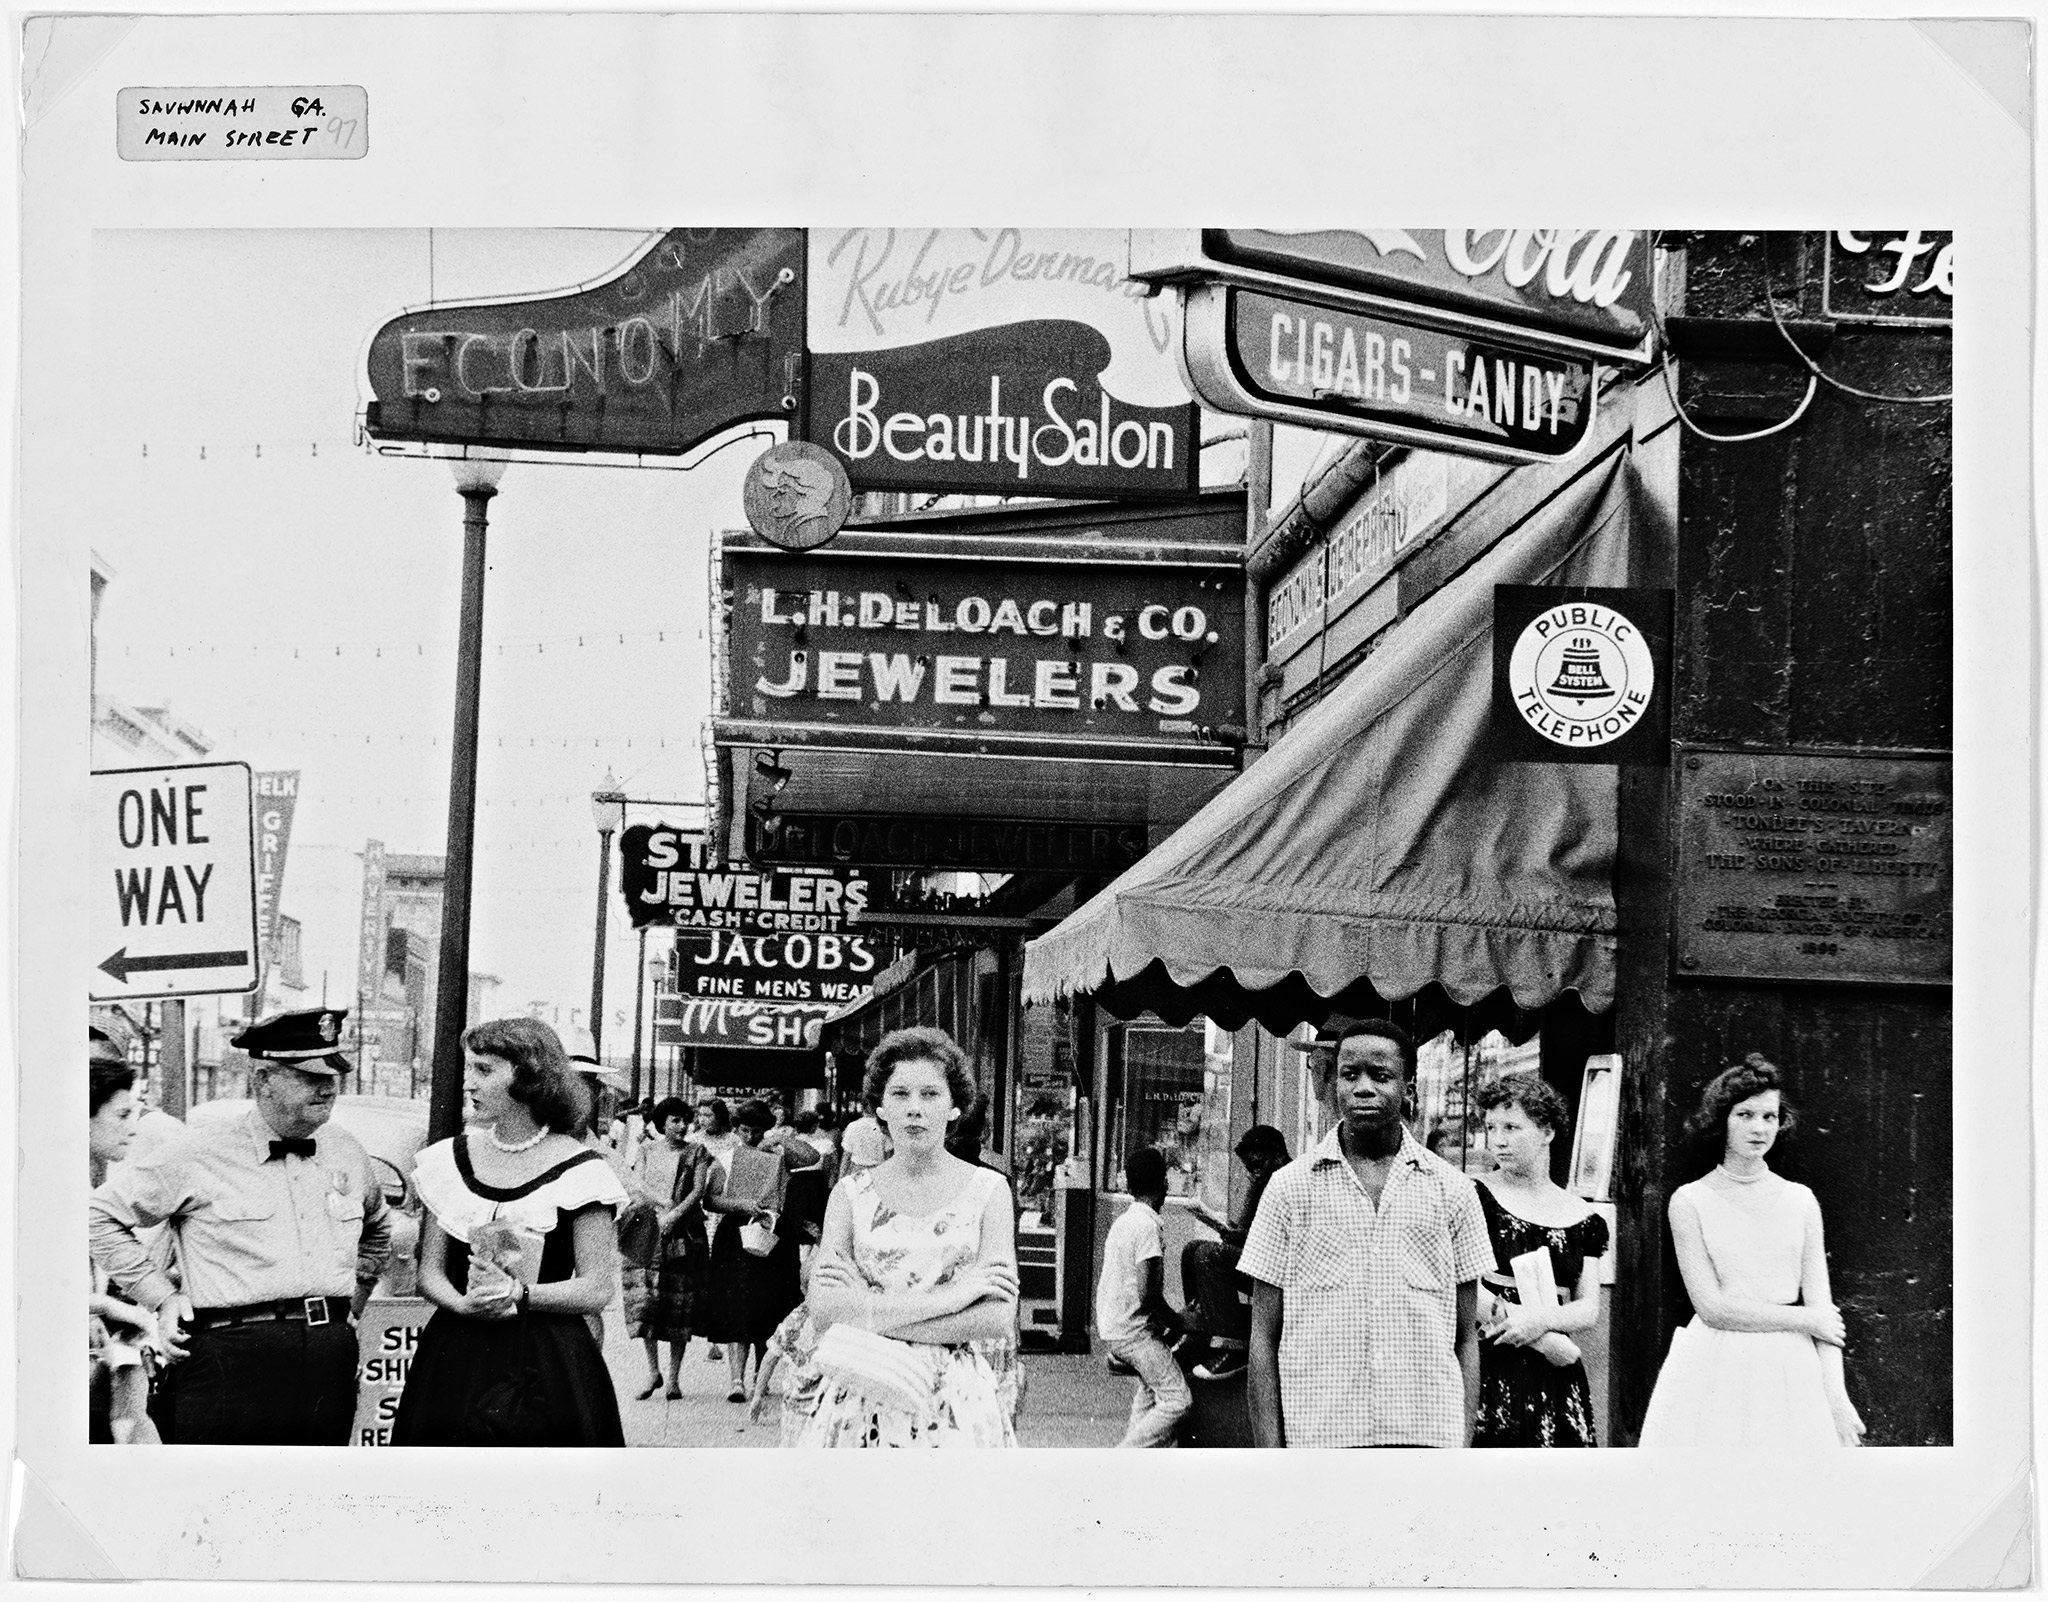 Robert Frank, Main Street - Savannah, Georgia, 1955. Impresión Gelatina de plata. Donación de Raymond B. Gary, 1984.493.44 © Robert Frank